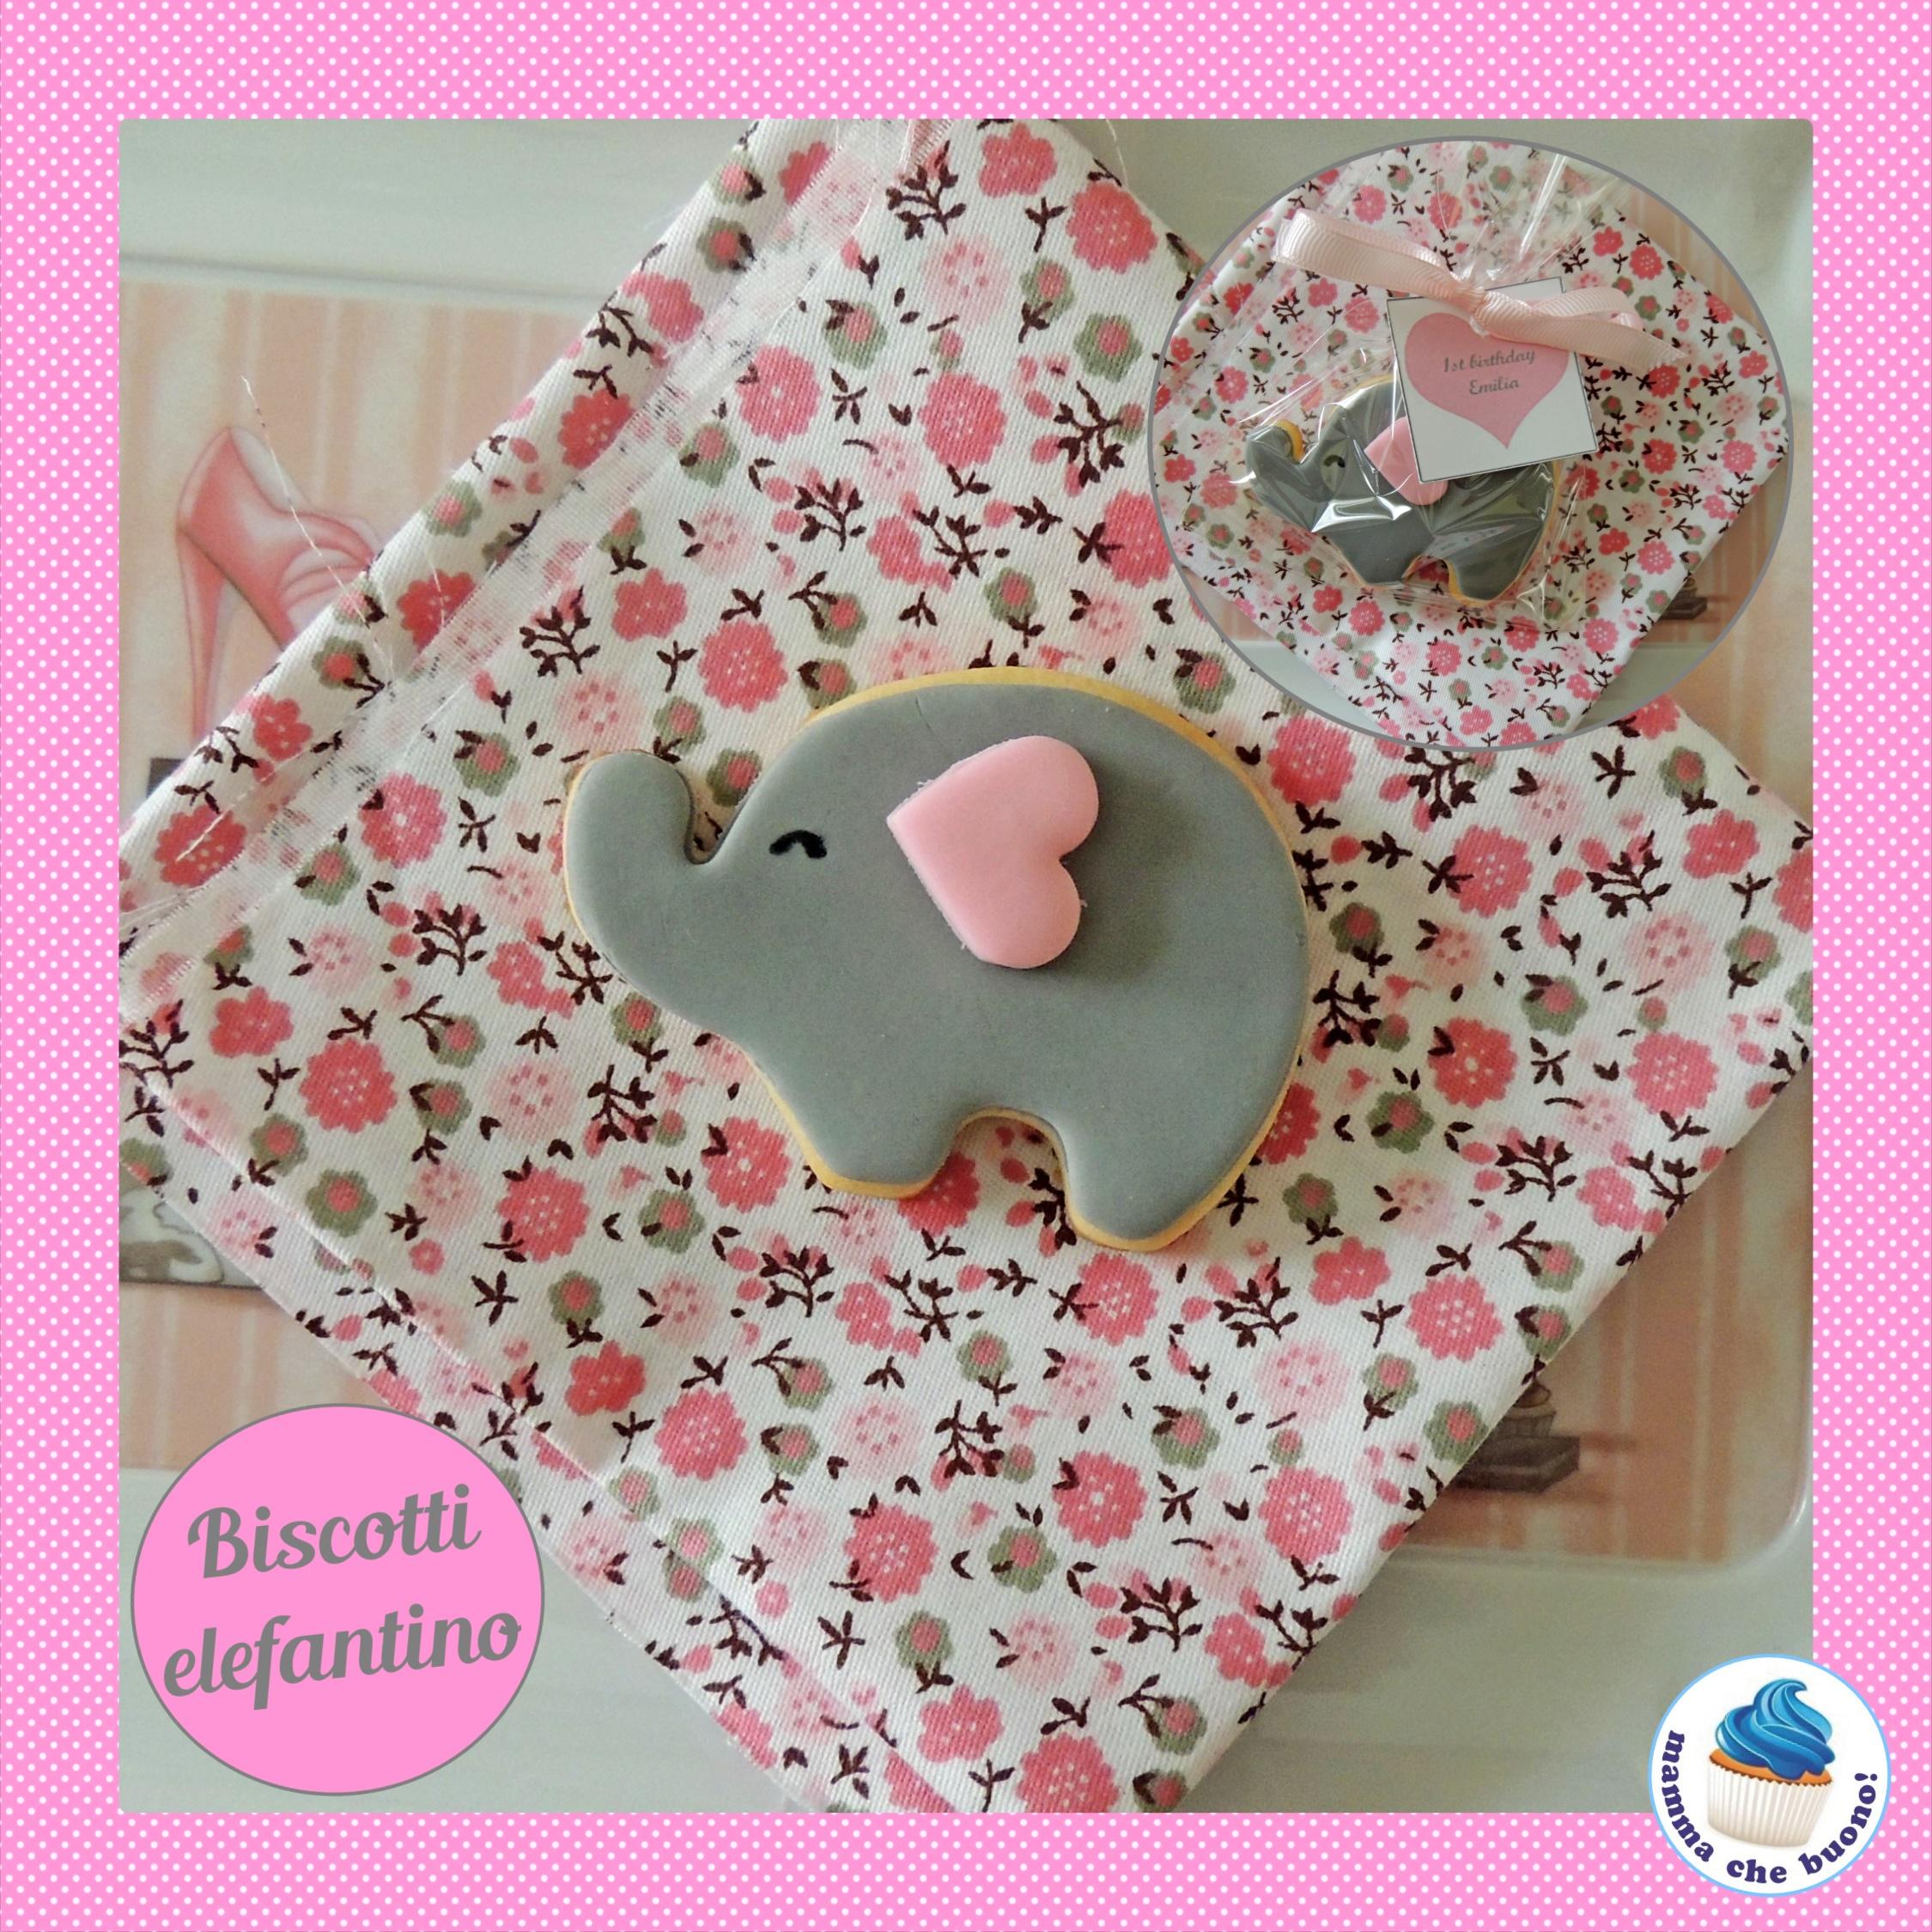 biscotti elefantino1